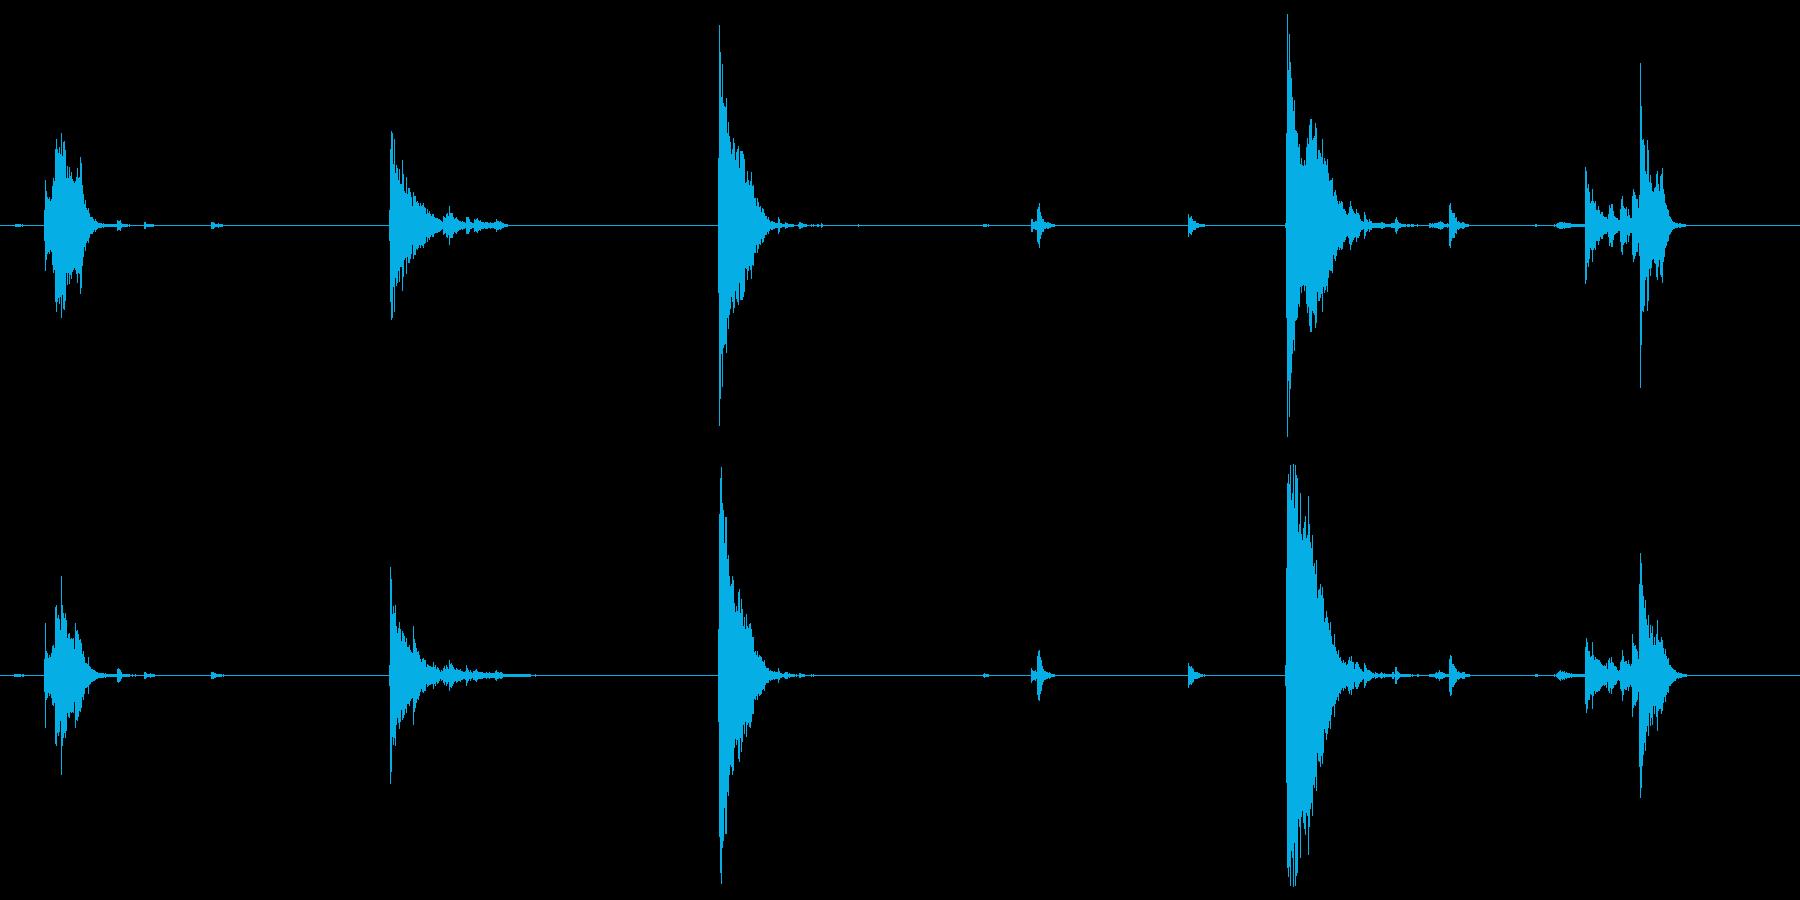 アルミニウム板、軽いガラガラとデブ...の再生済みの波形